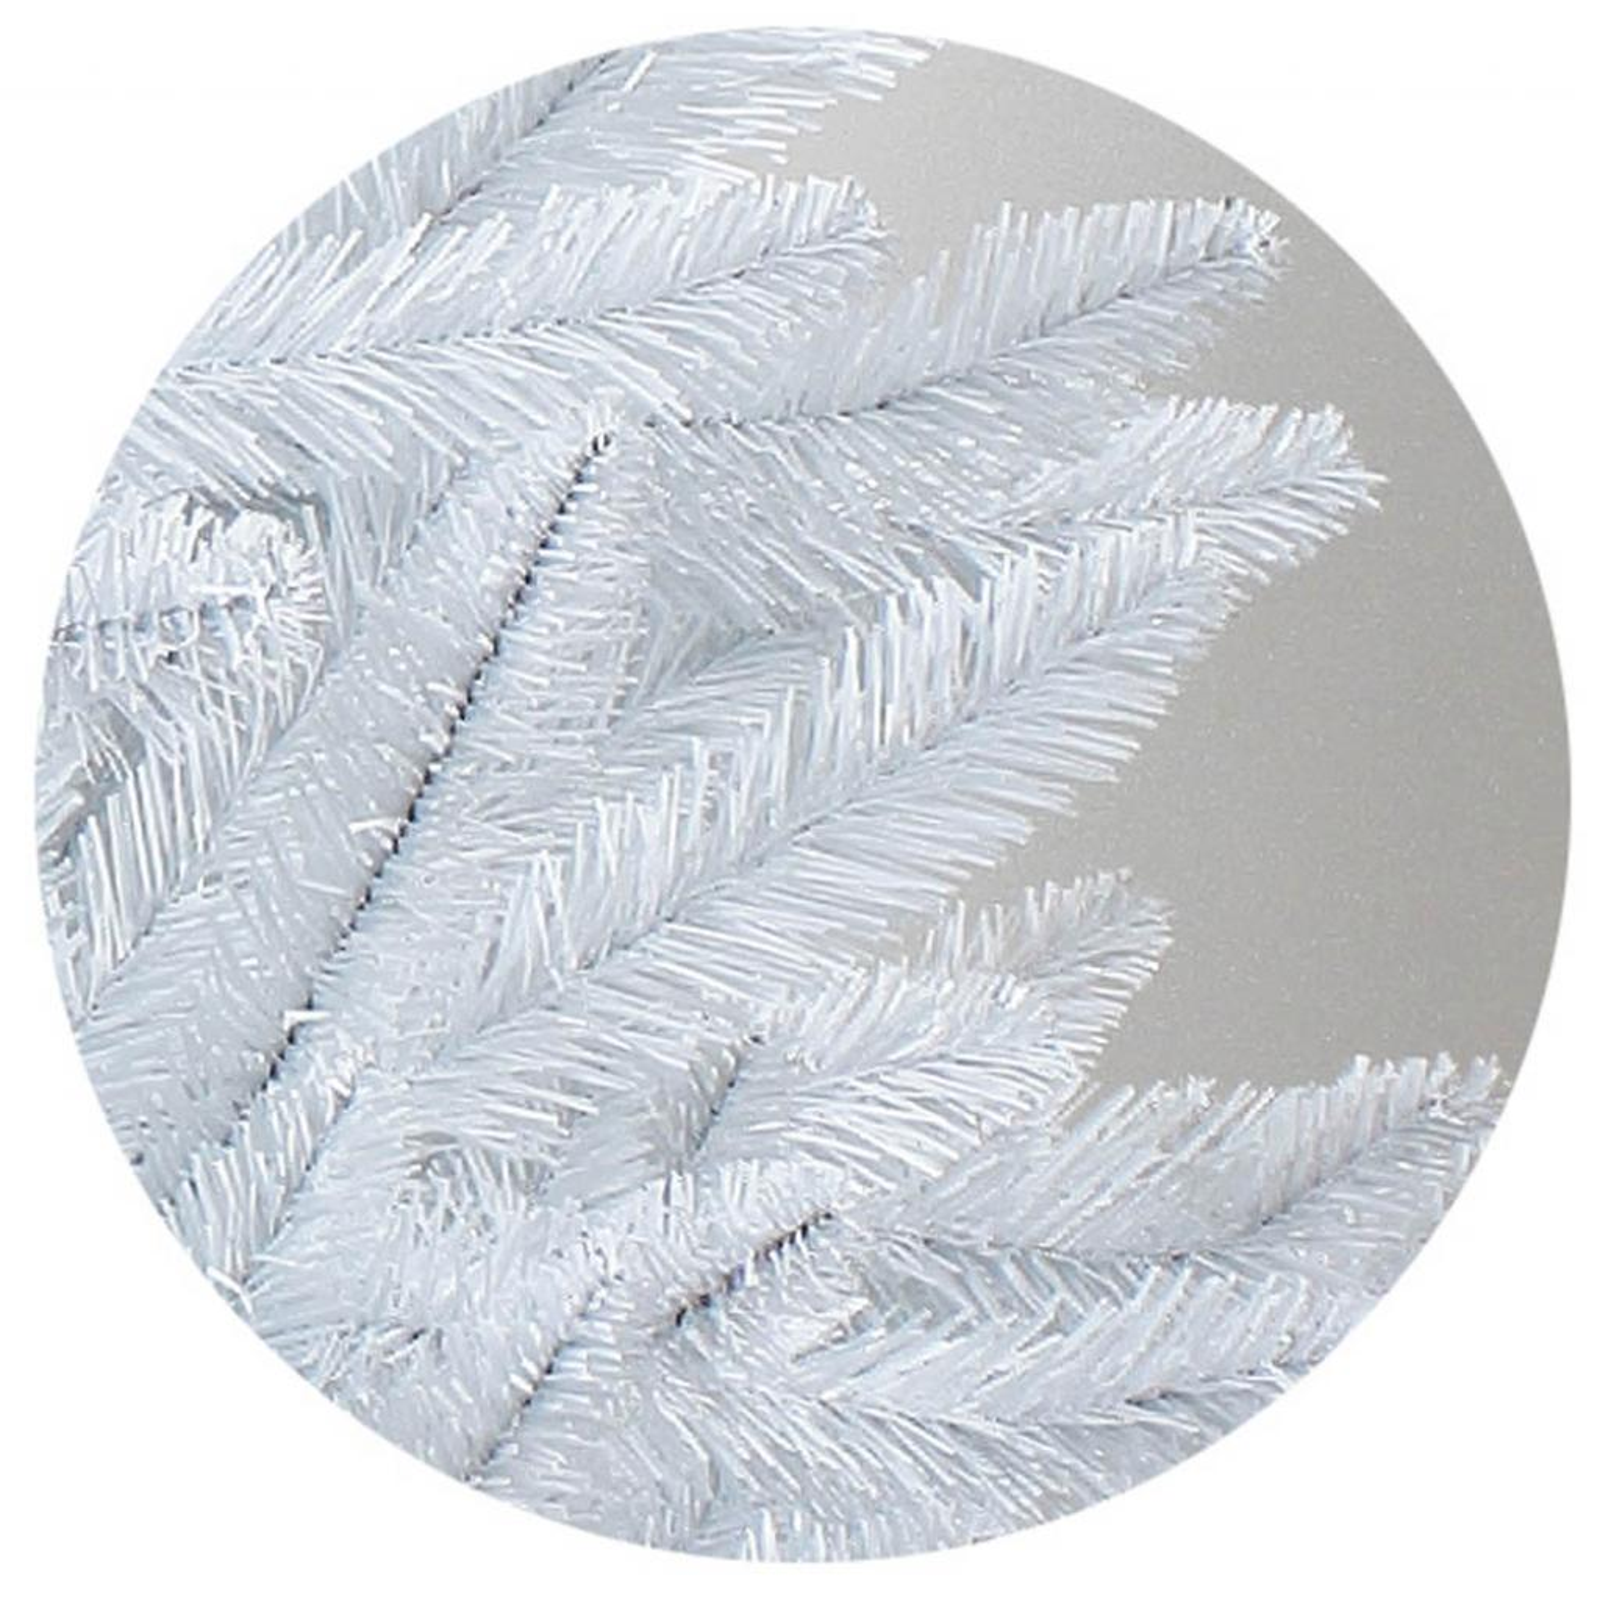 Искусственная елка YES! Fun Альпийская белая 2,10 м (903393) изображение 2